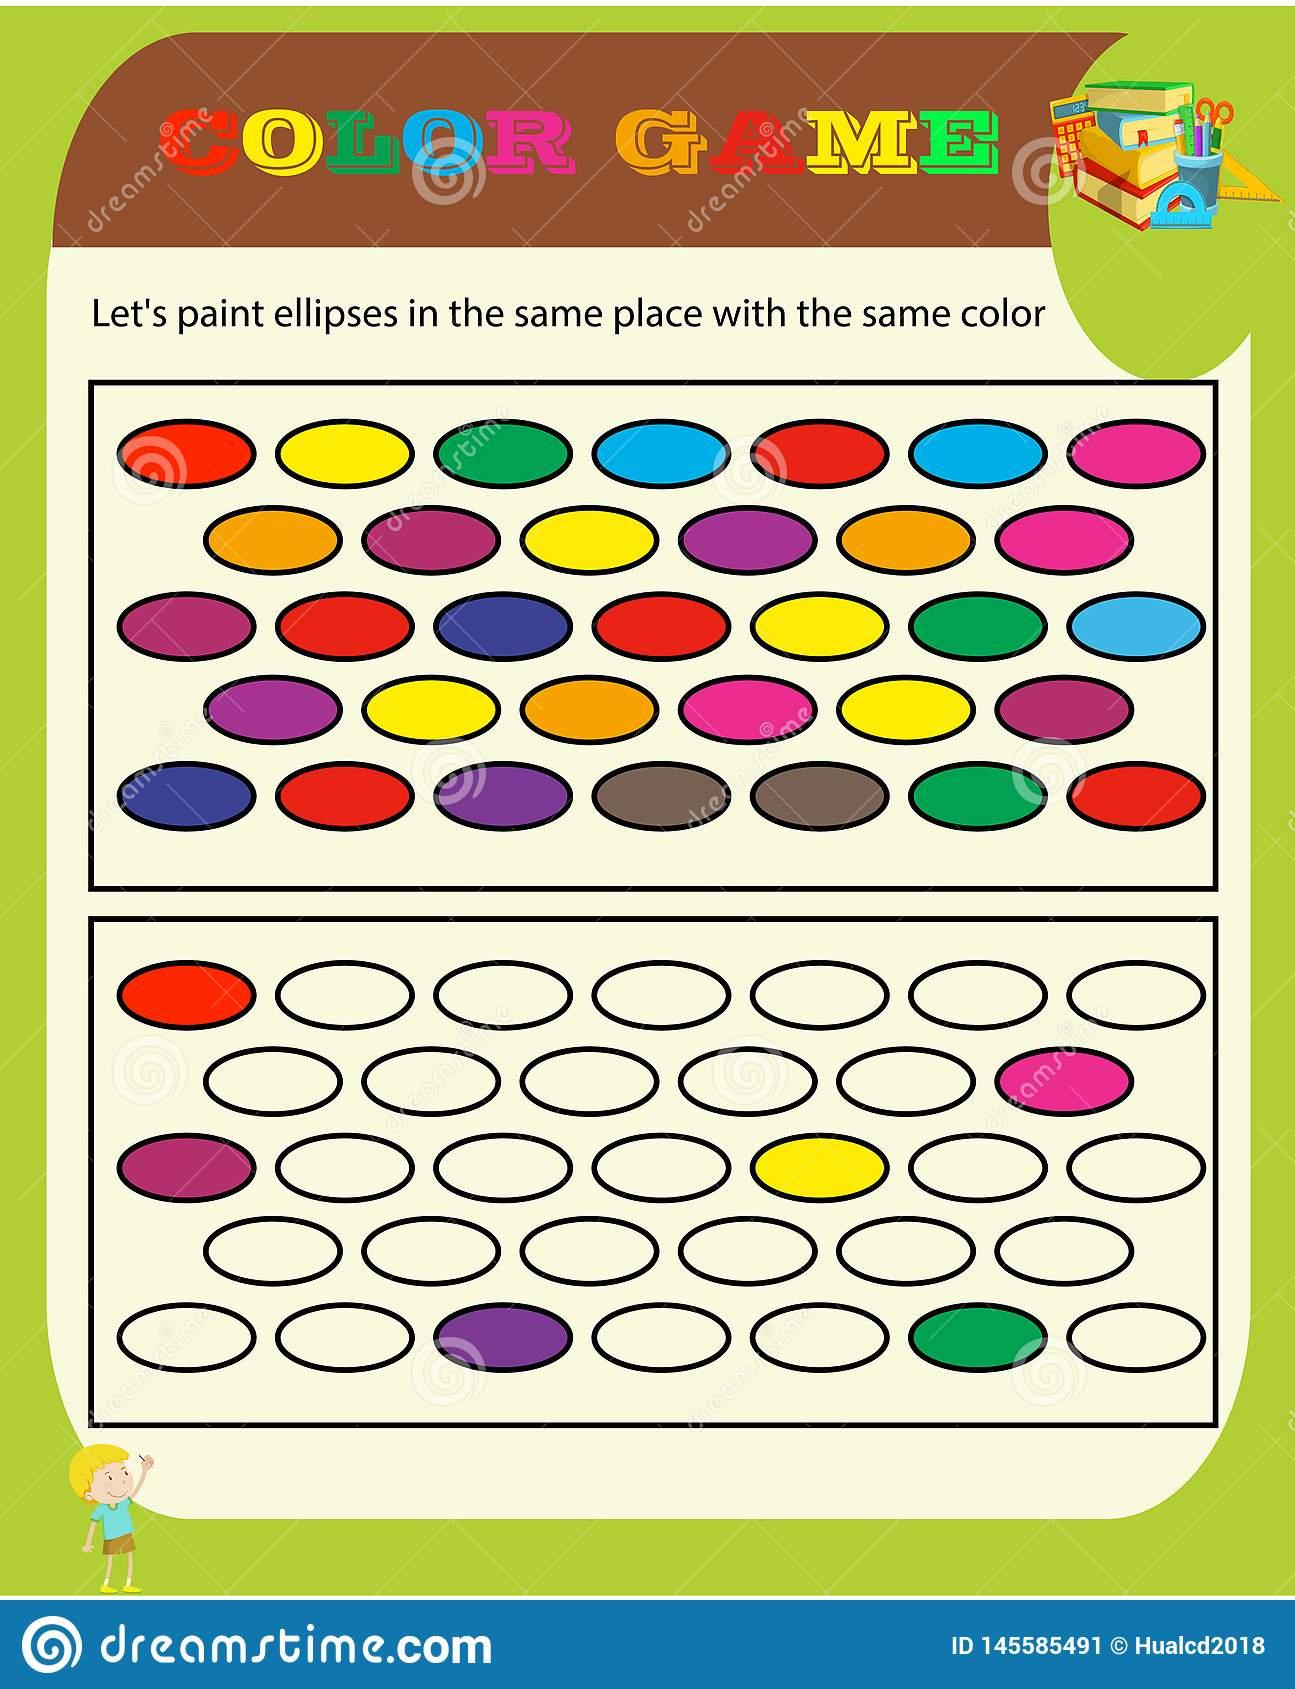 Farbspiel Sudoku-Spiel Mit Bildern Für Kinder, Einfaches über Sudoku Für Kindergartenkinder